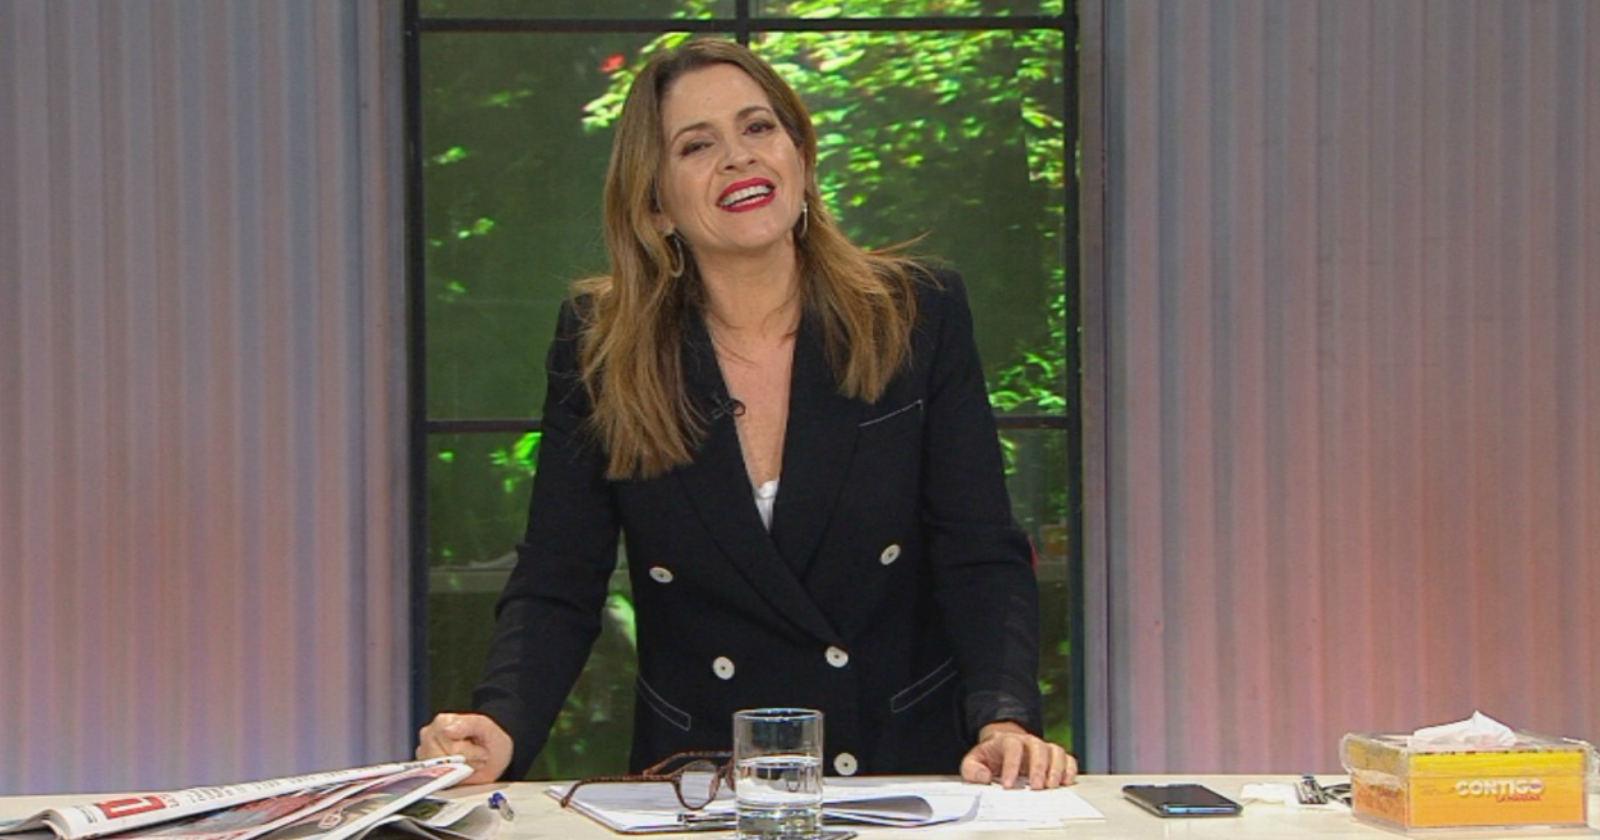 Dejó a Mega en segundo lugar: Chilevisión logró liderar en rating comercial durante julio